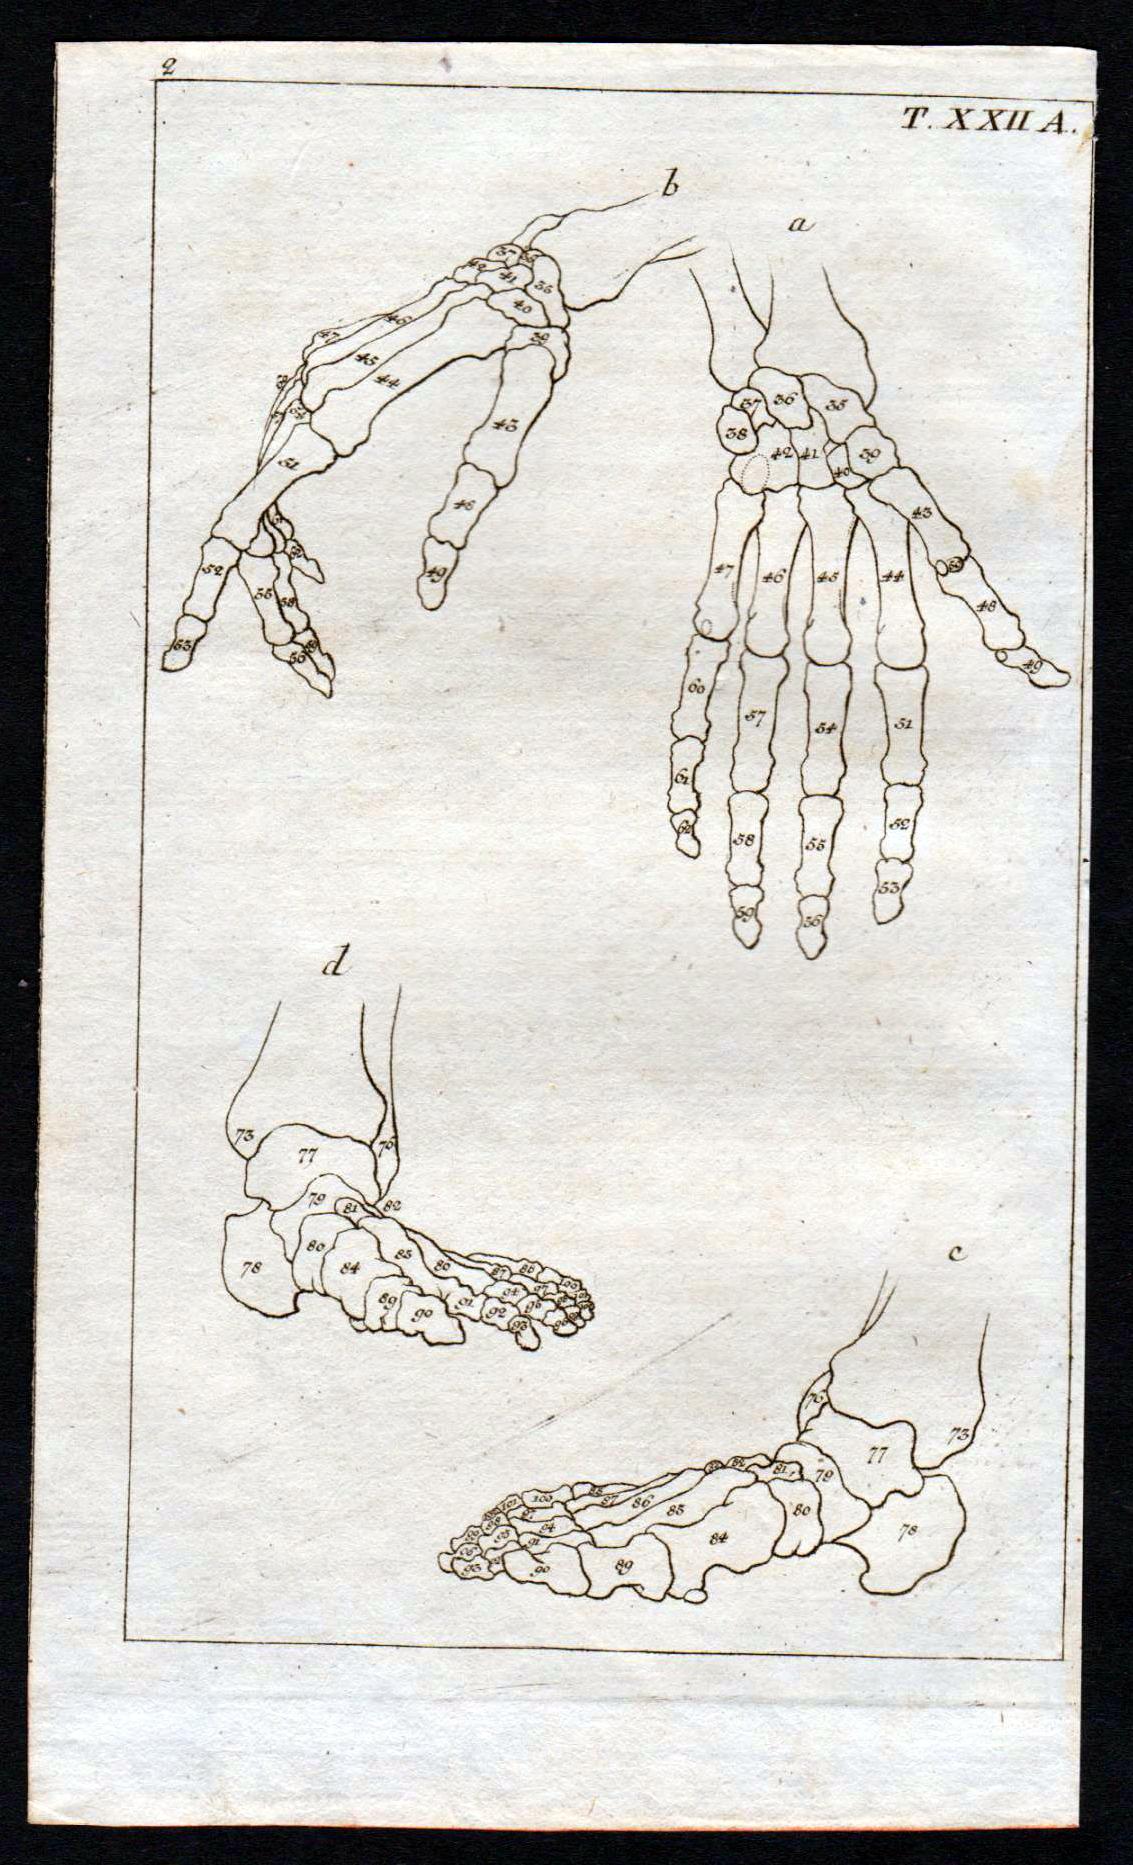 der fuss anatomie - ZVAB